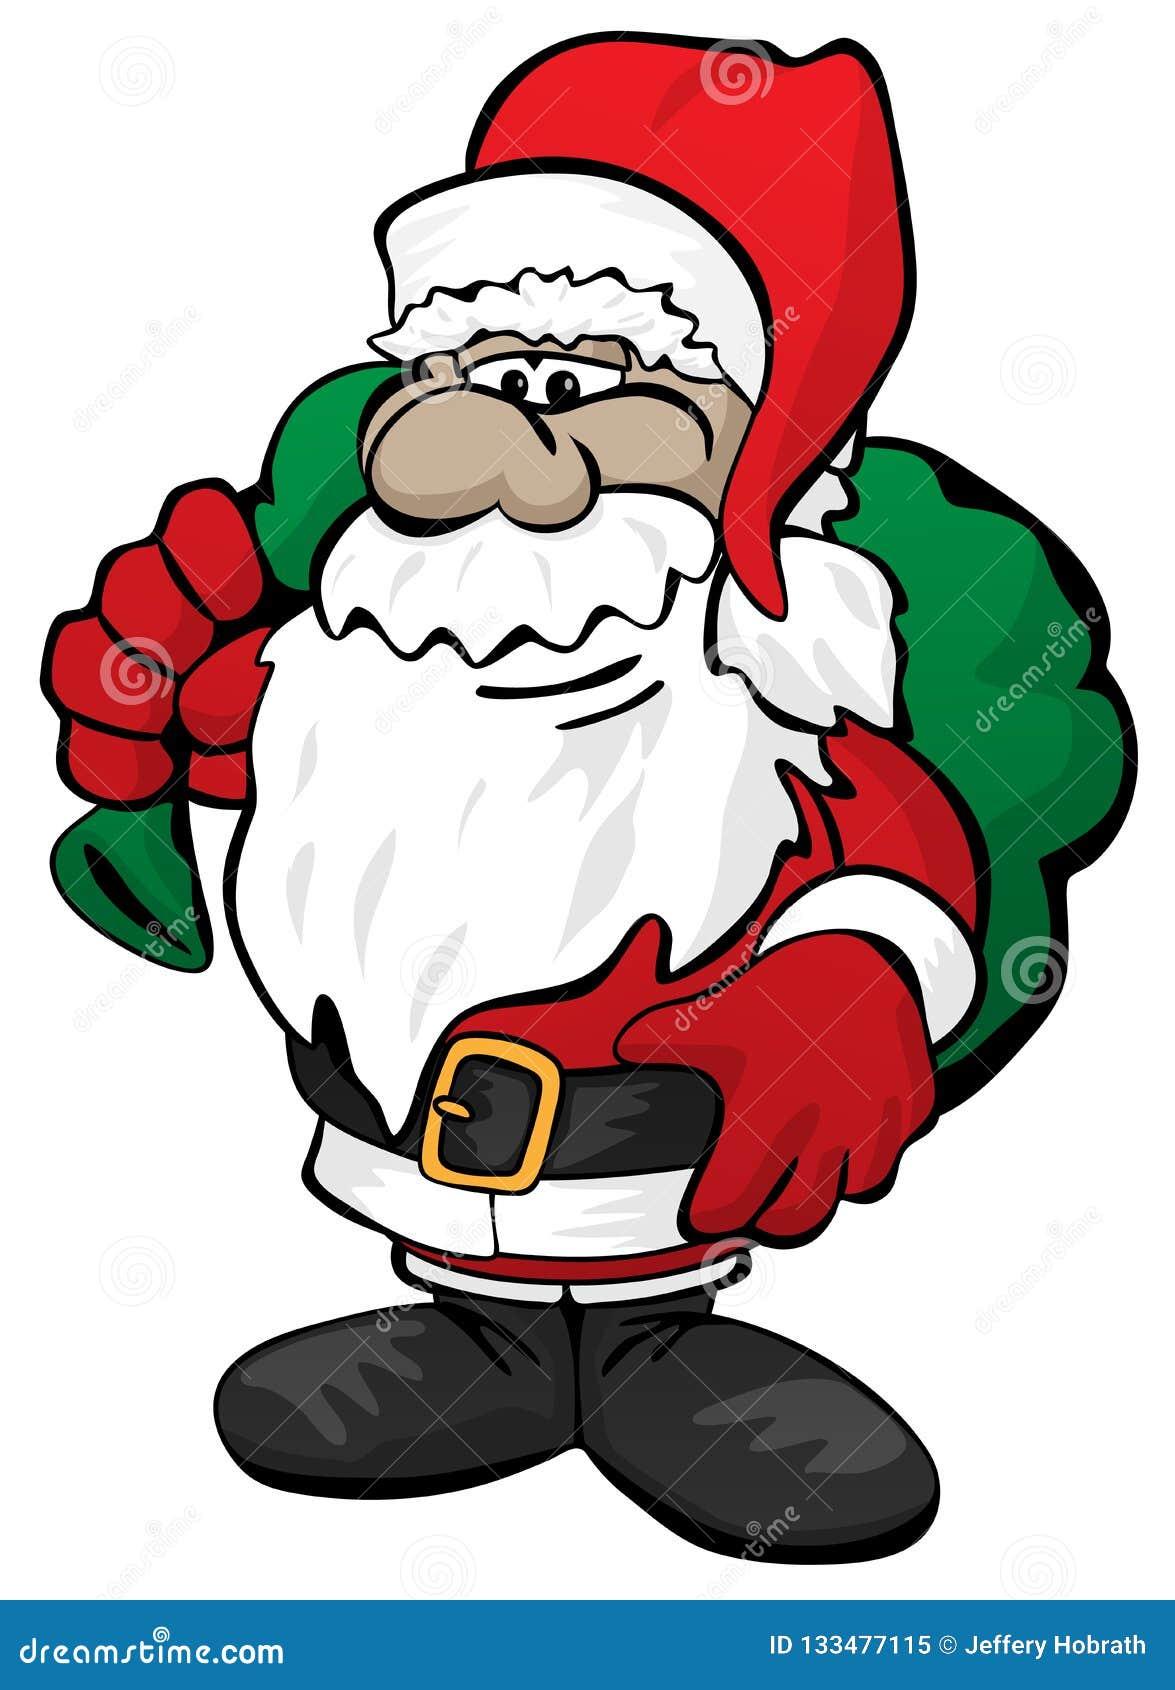 La Navidad linda Santa Claus con Toy Sack Cartoon Vector Illustration